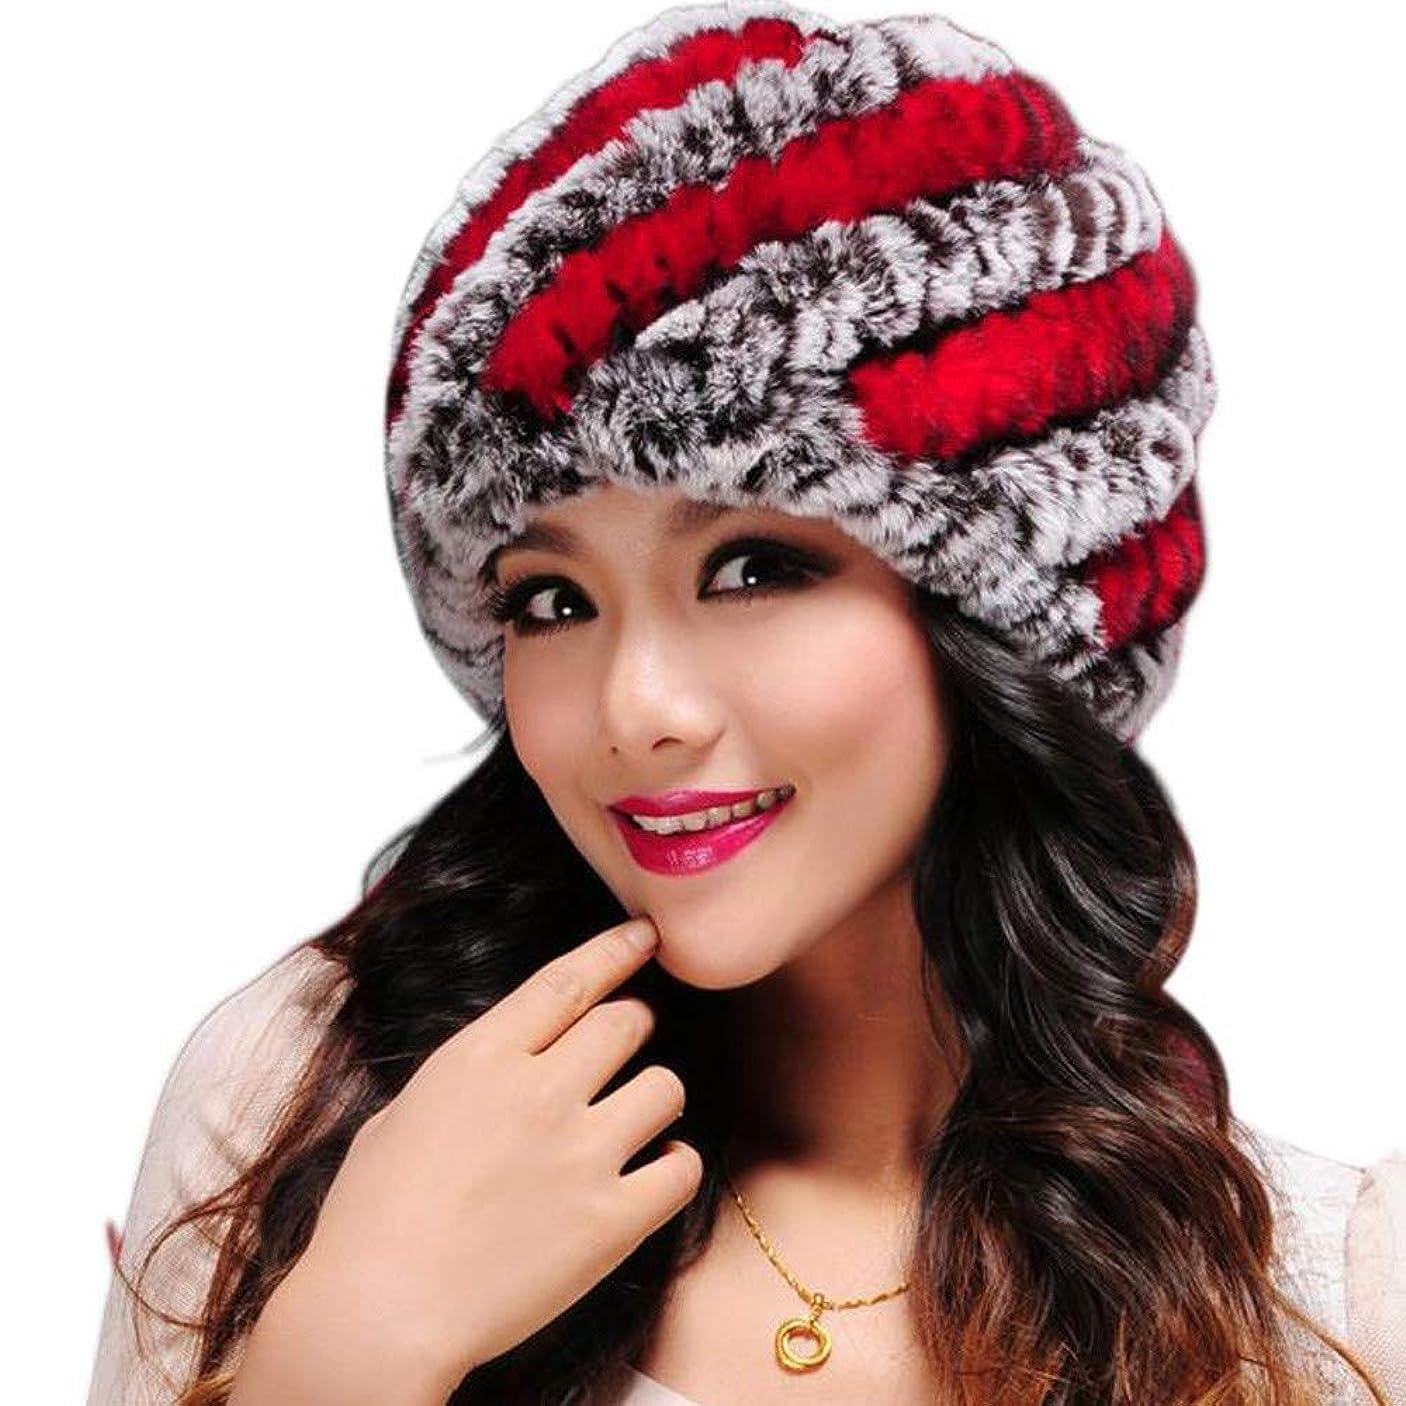 許される自動車証書Racazing Hat 選べる5色 編み物 レックスウサギの髪 ニット帽 ストライプ 防寒対策 通気性のある 防風 ニット帽 暖かい 軽量 屋外 医療用帽子 スキー 自転車 クリスマス Unisex Cap 男女兼用 (レッド)